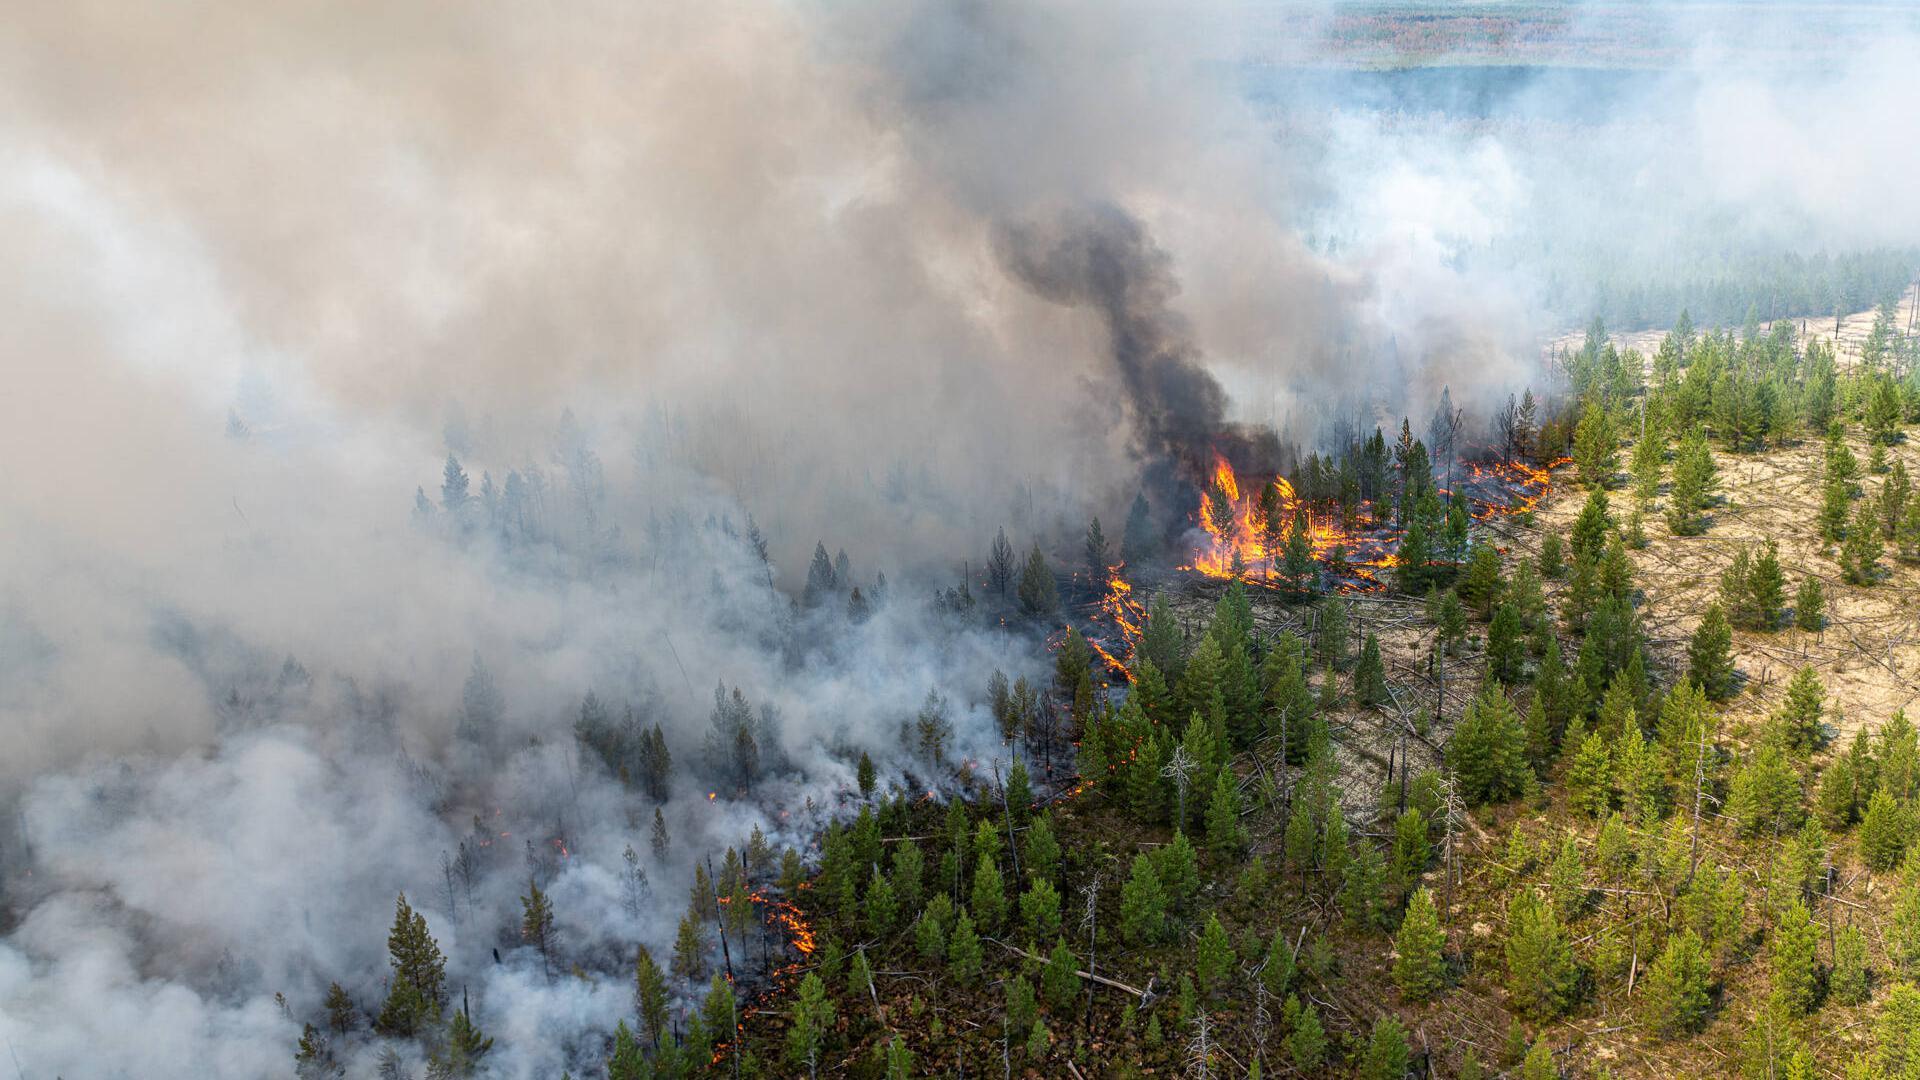 Die Arktis erlebt einen extremen Sommer: Im russischen Norden brennen riesige Waldflächen. Wissenschaftler halten die Klimaerwärmung für eine wahrscheinliche Ursache der Naturkatastrophe.